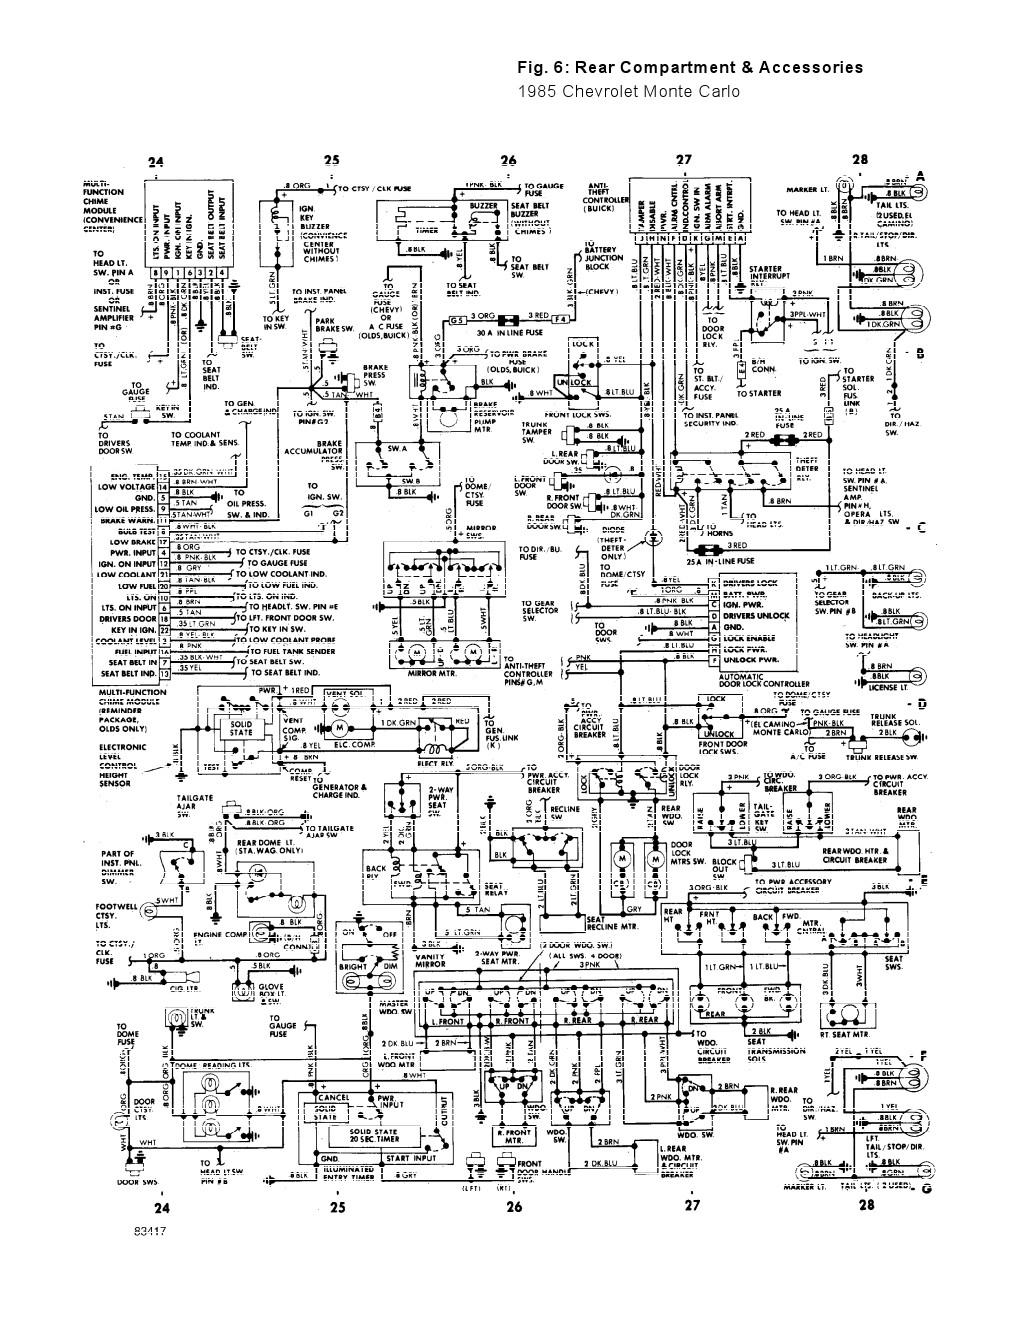 BK_4621] 1995 Monte Carlo Wiring Diagram Free DiagramMeric Benkeme Mohammedshrine Librar Wiring 101